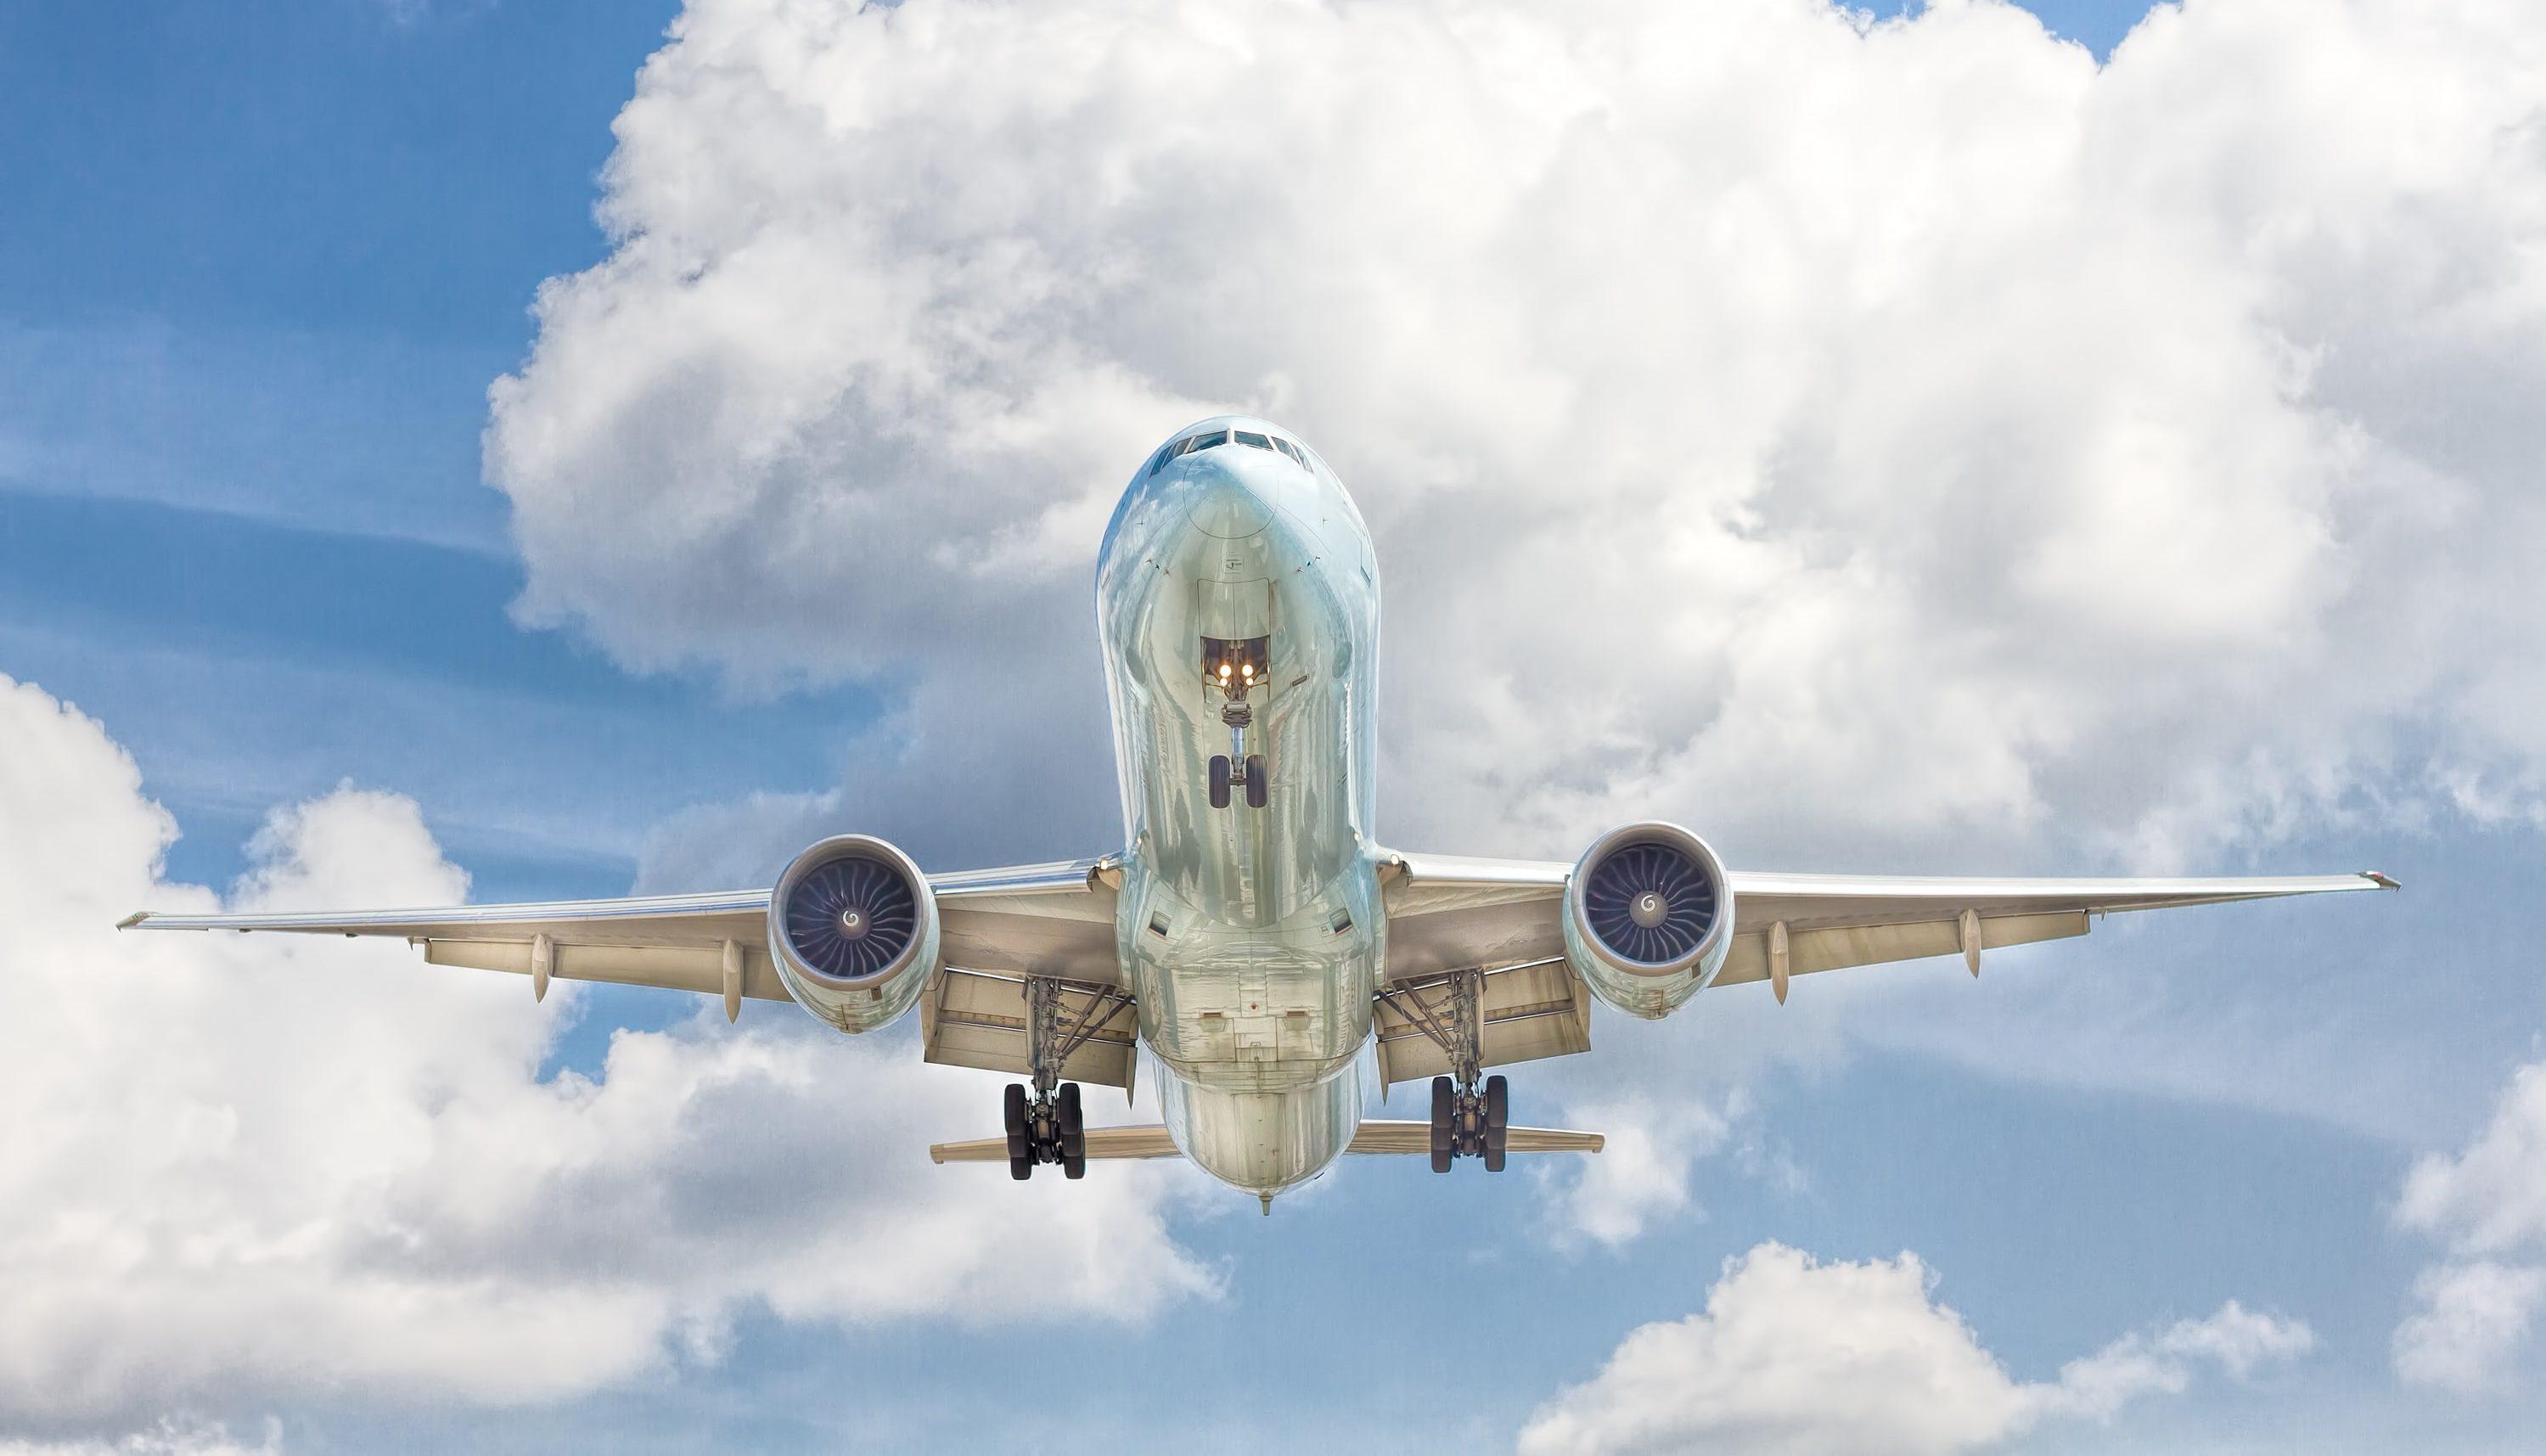 Aircraft blue sky